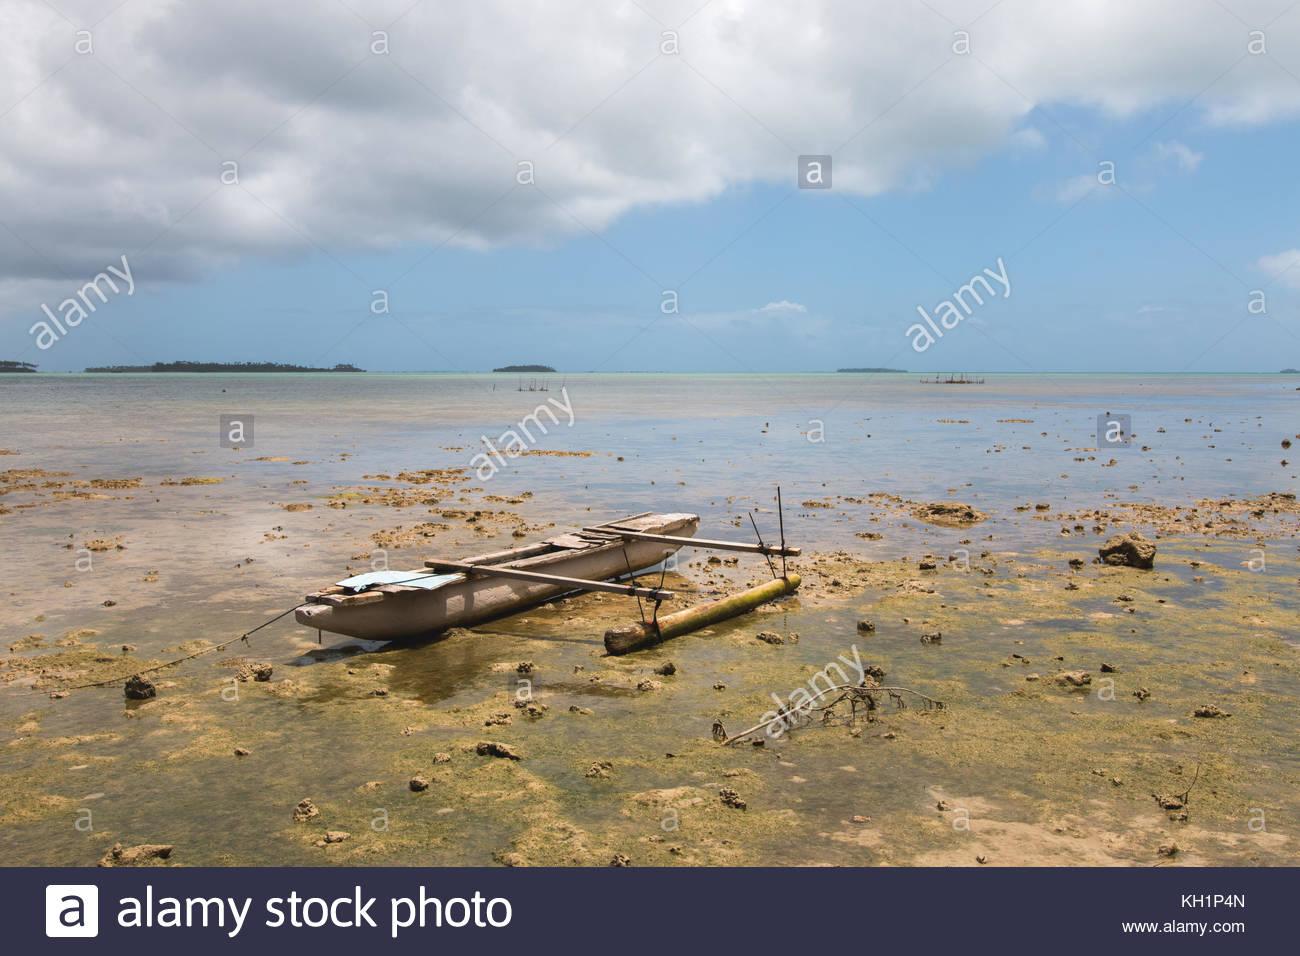 Abandoned old outrigger canoe on shallow water, Tongatapu Island, Tonga - Stock Image